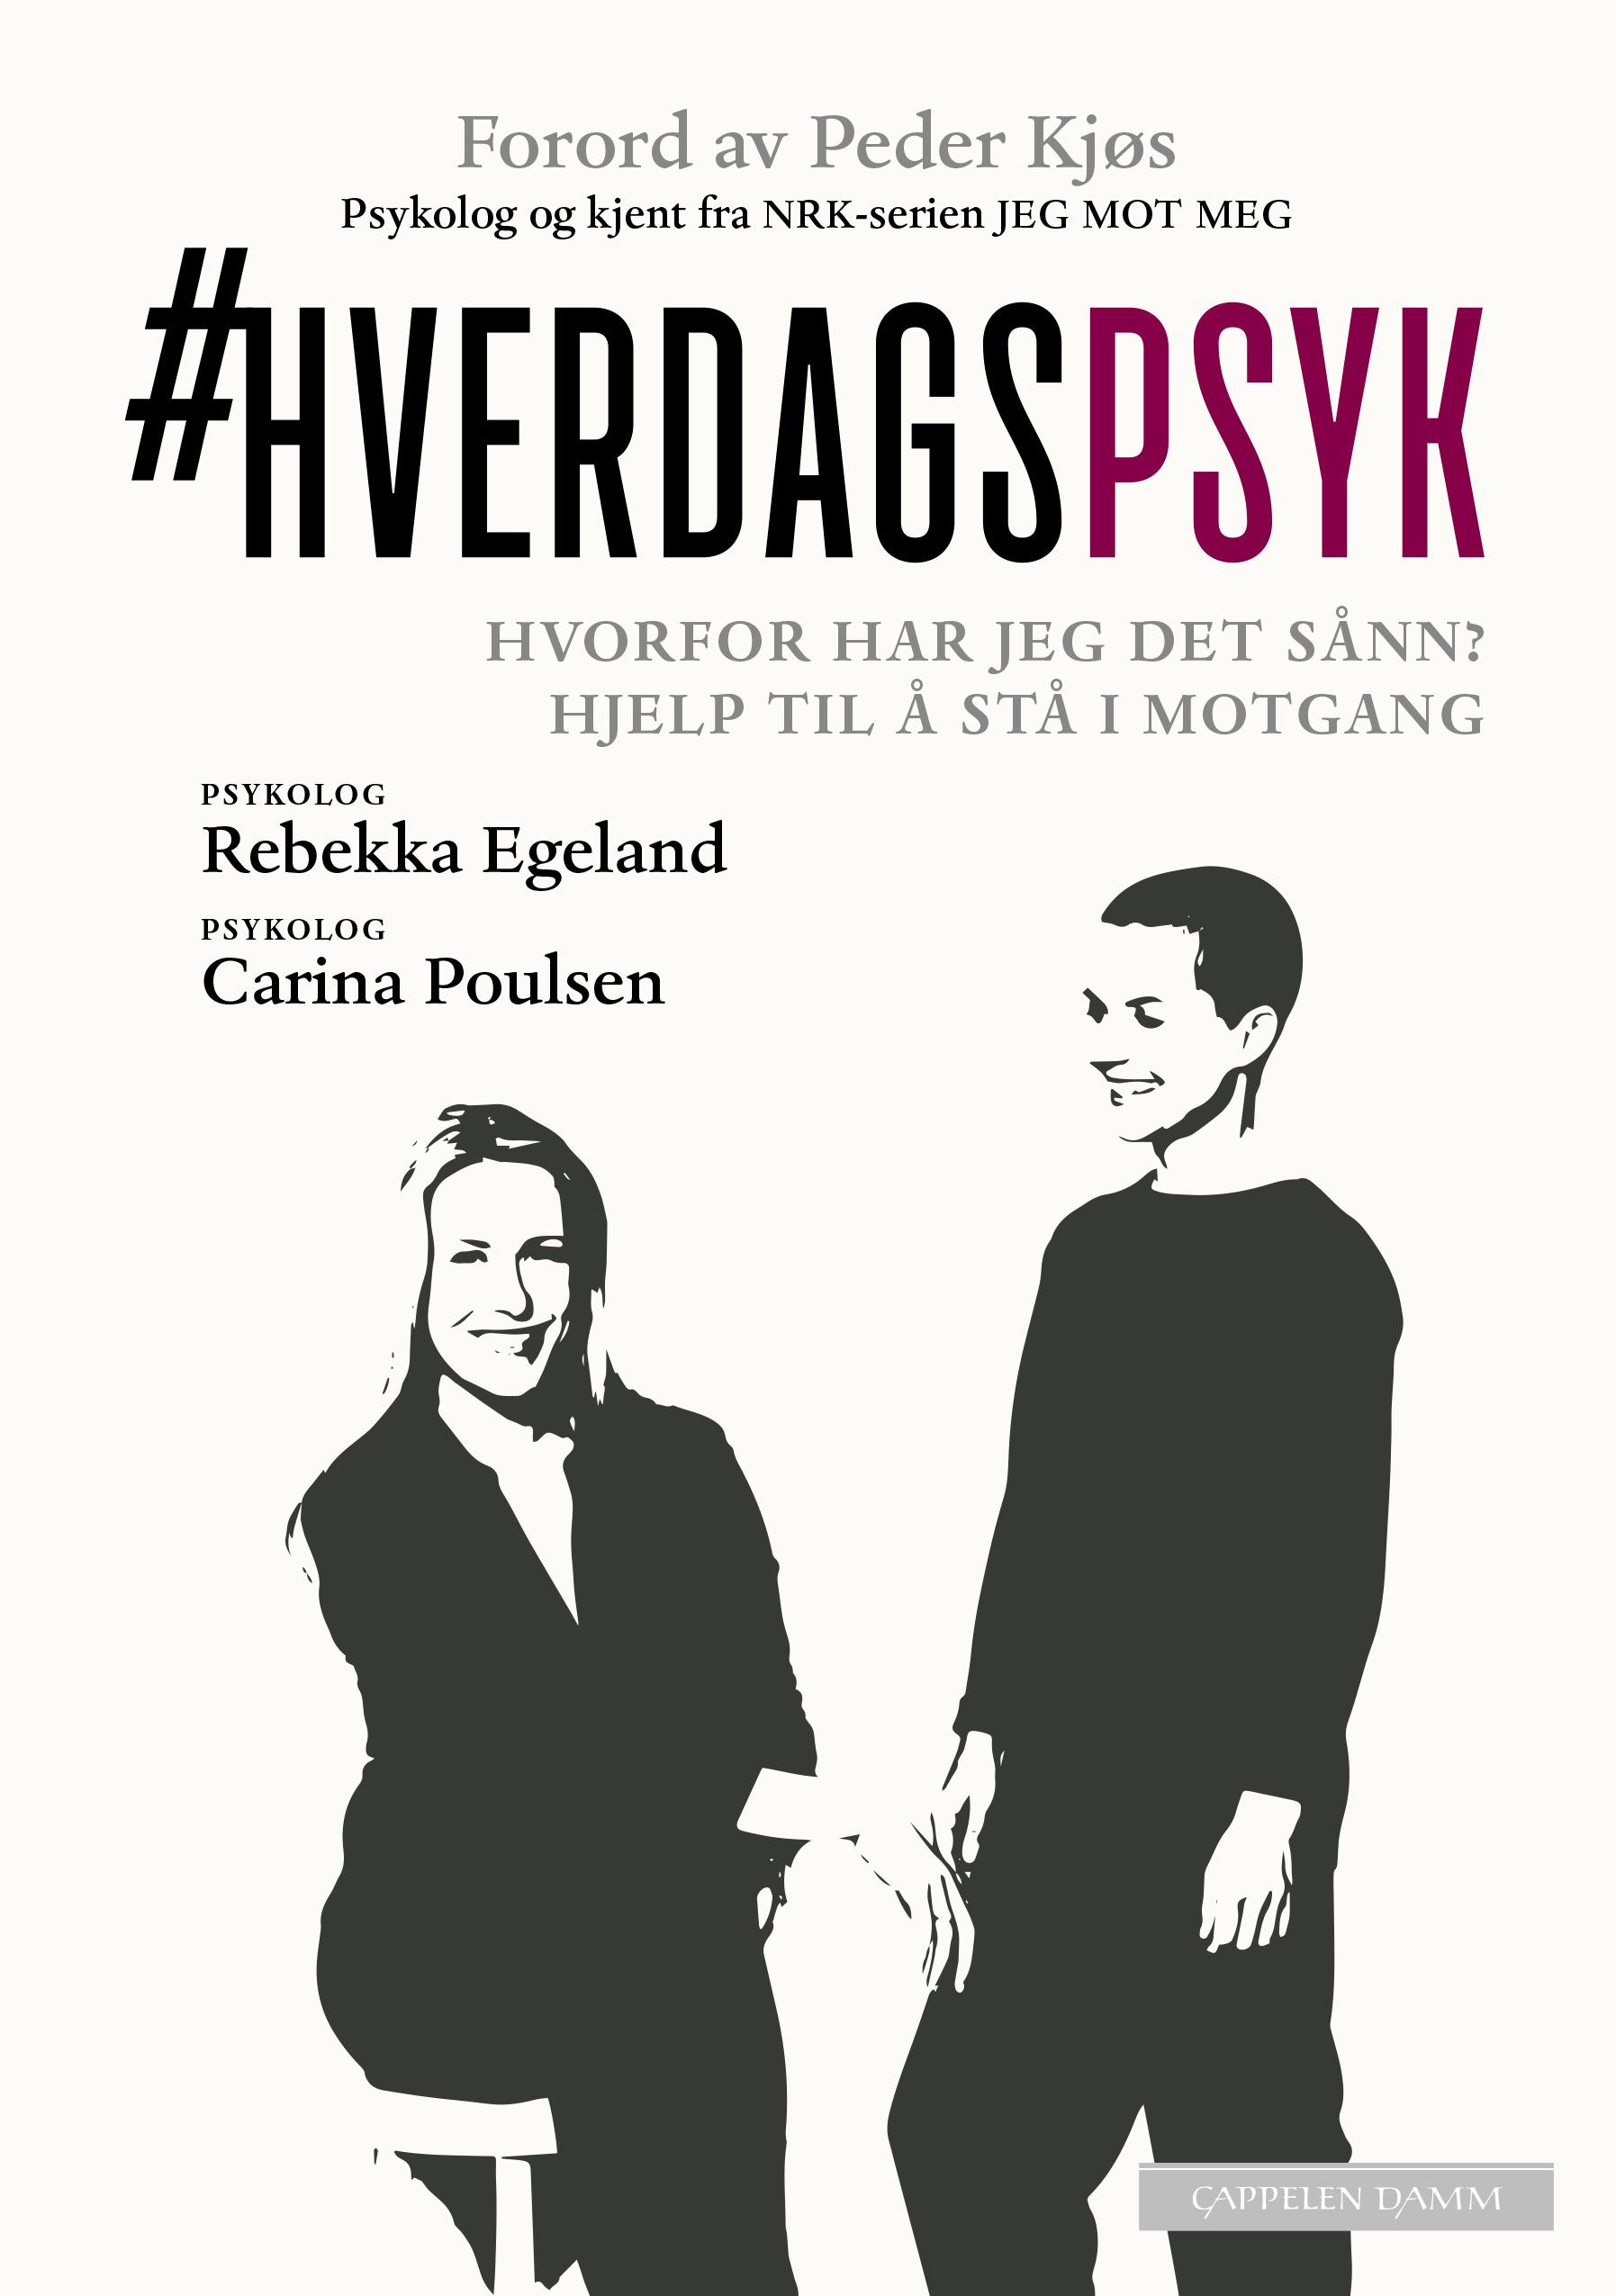 HVERDAGSPSYK